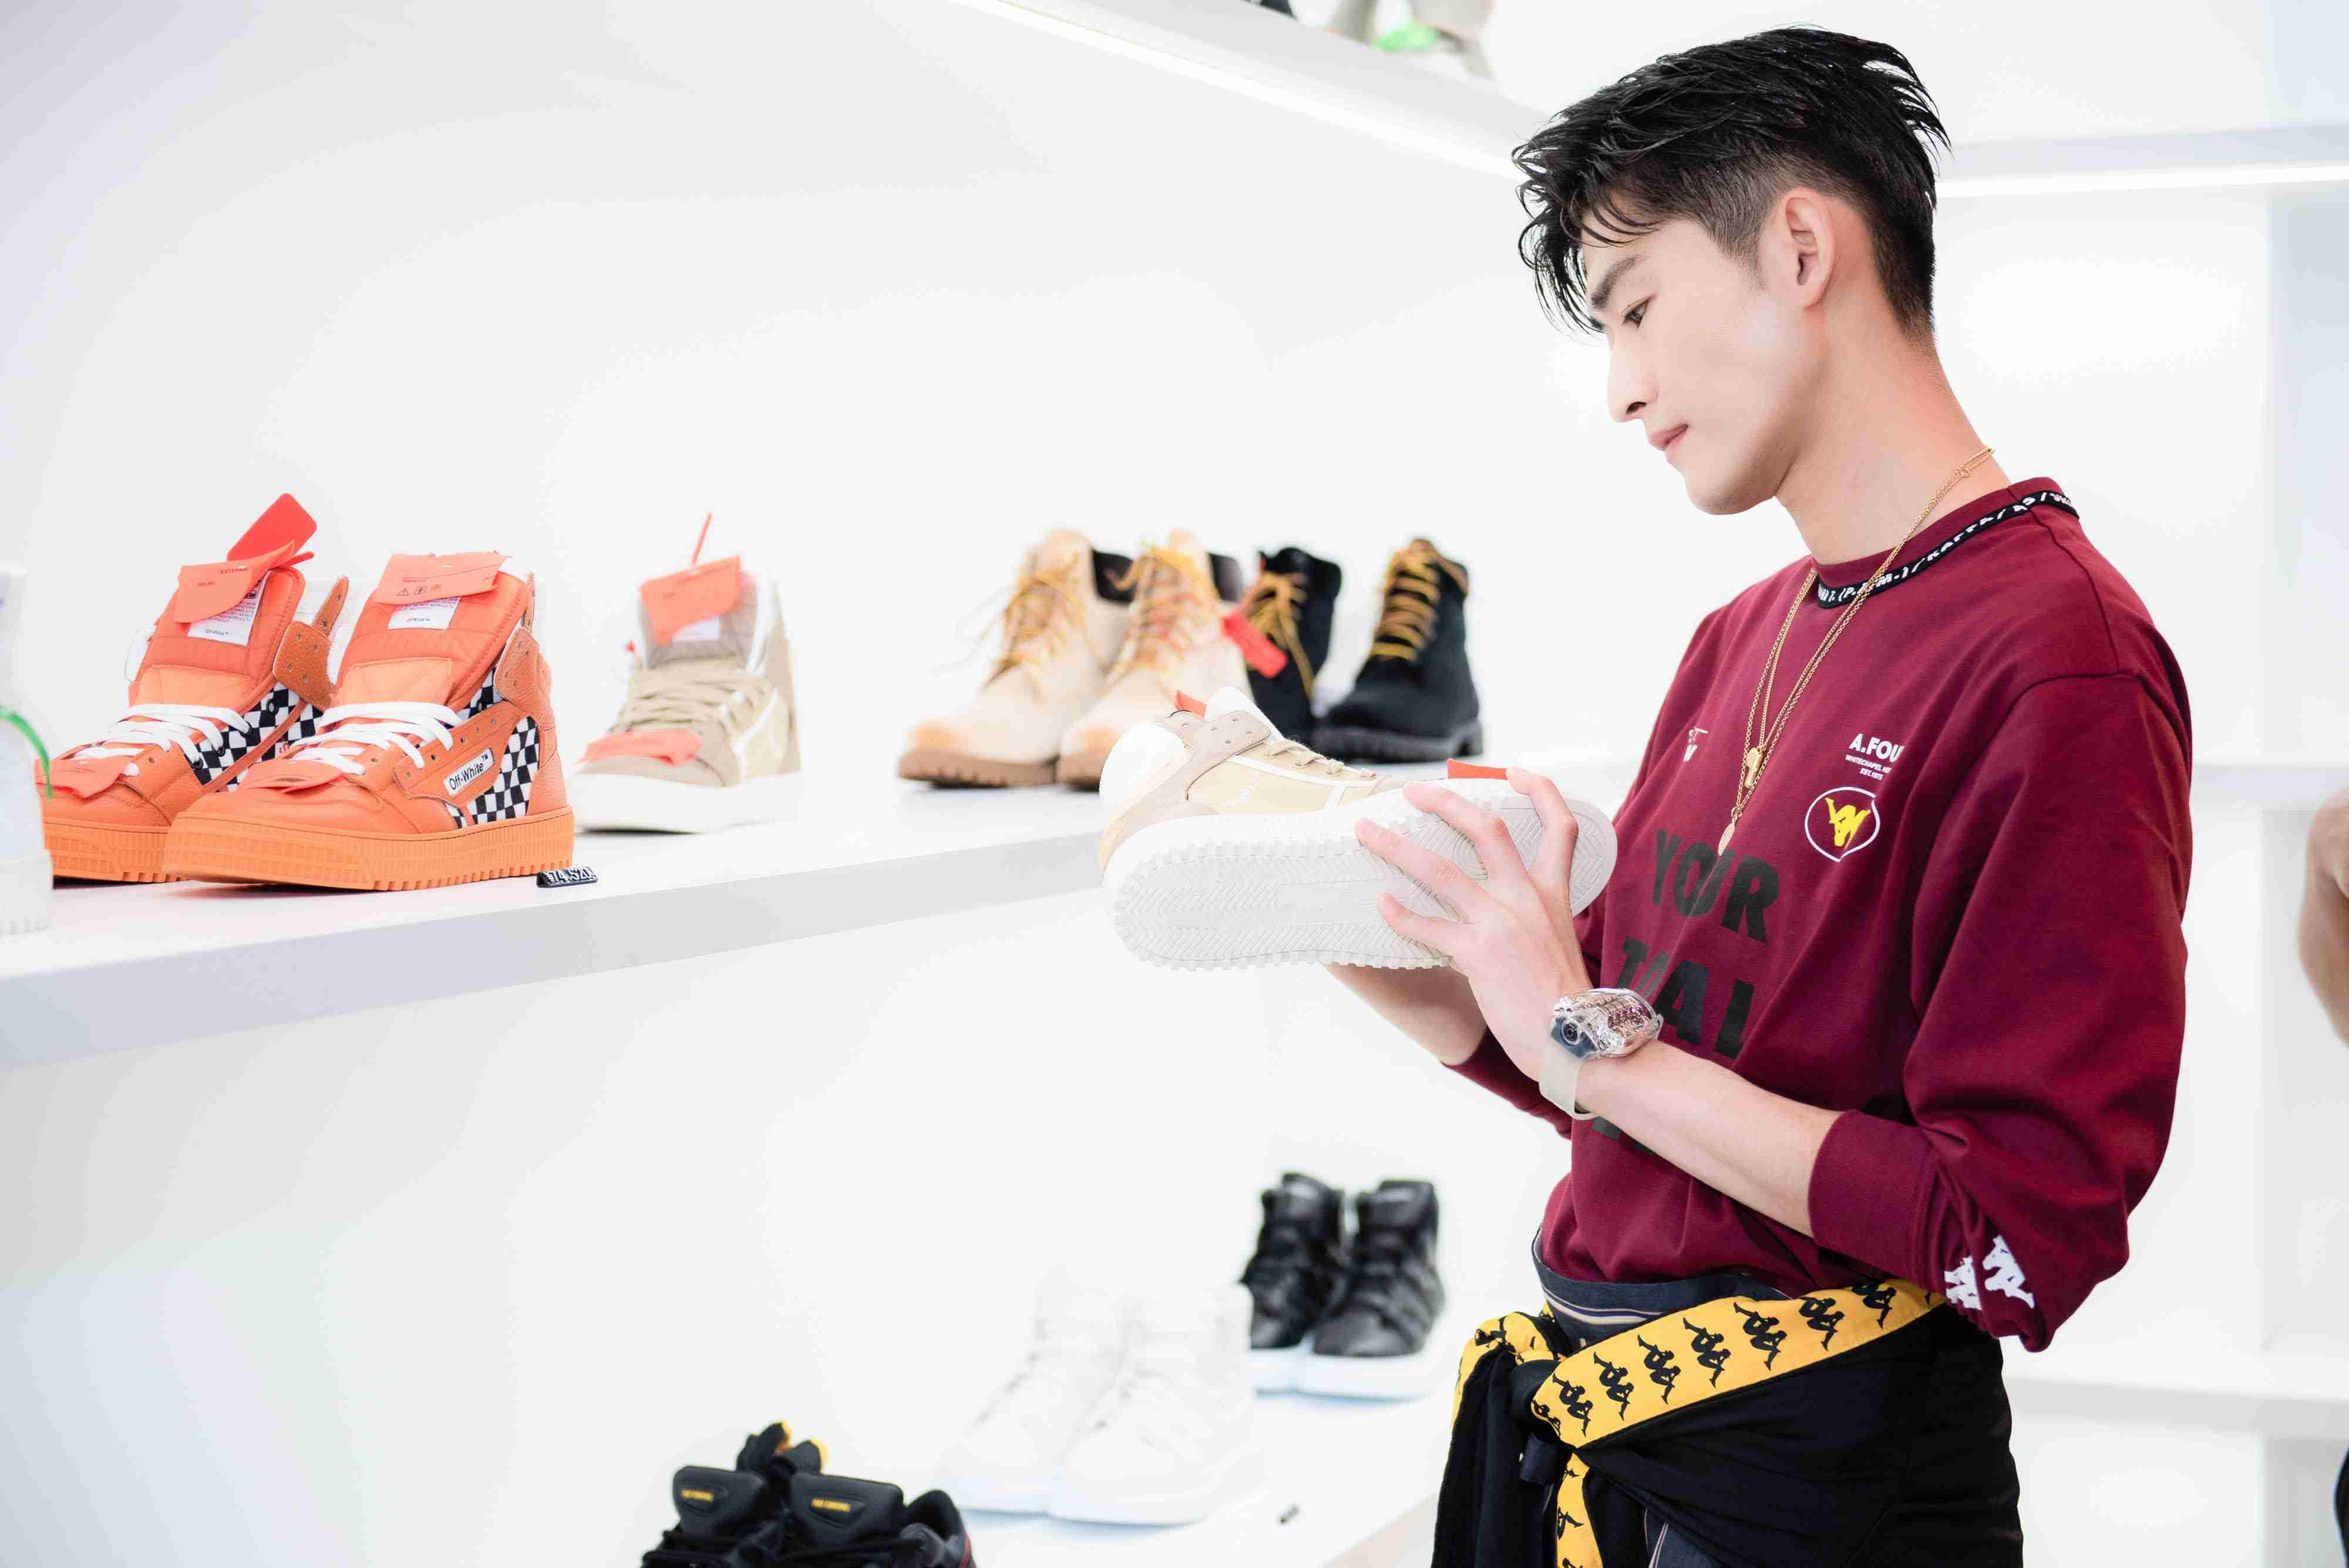 张翰东京出席时尚活动  复古时尚吸引眼球